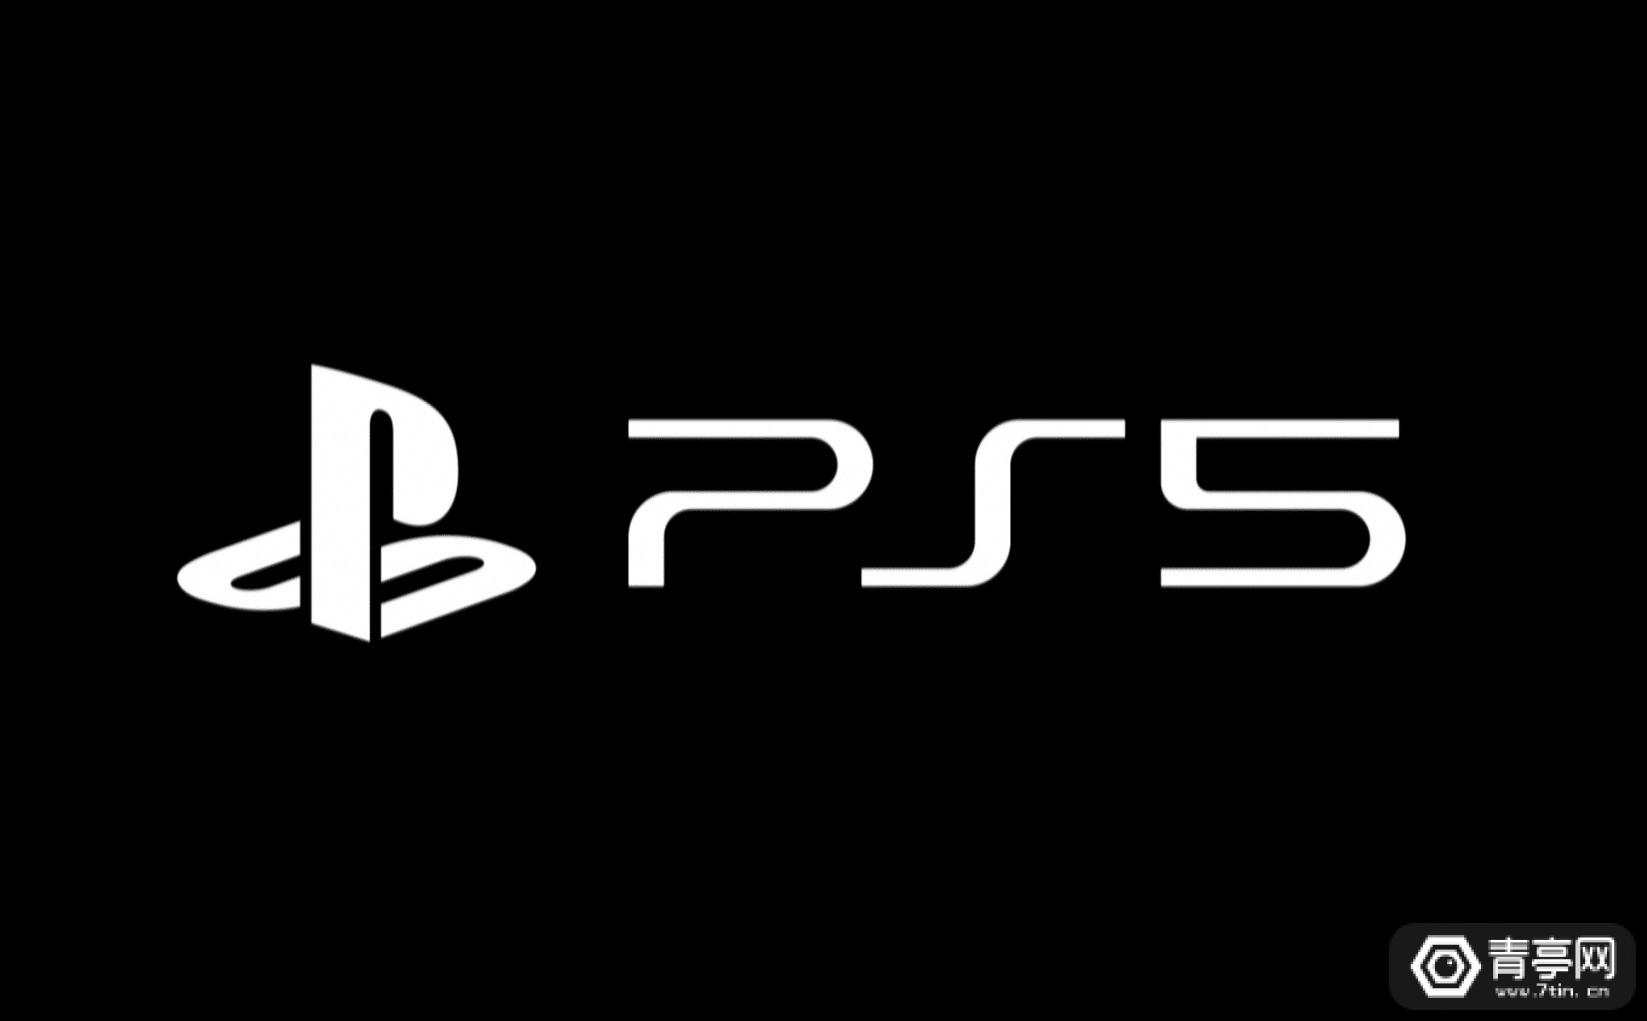 索尼可能不小心透露了PlayStation 5发布时间表